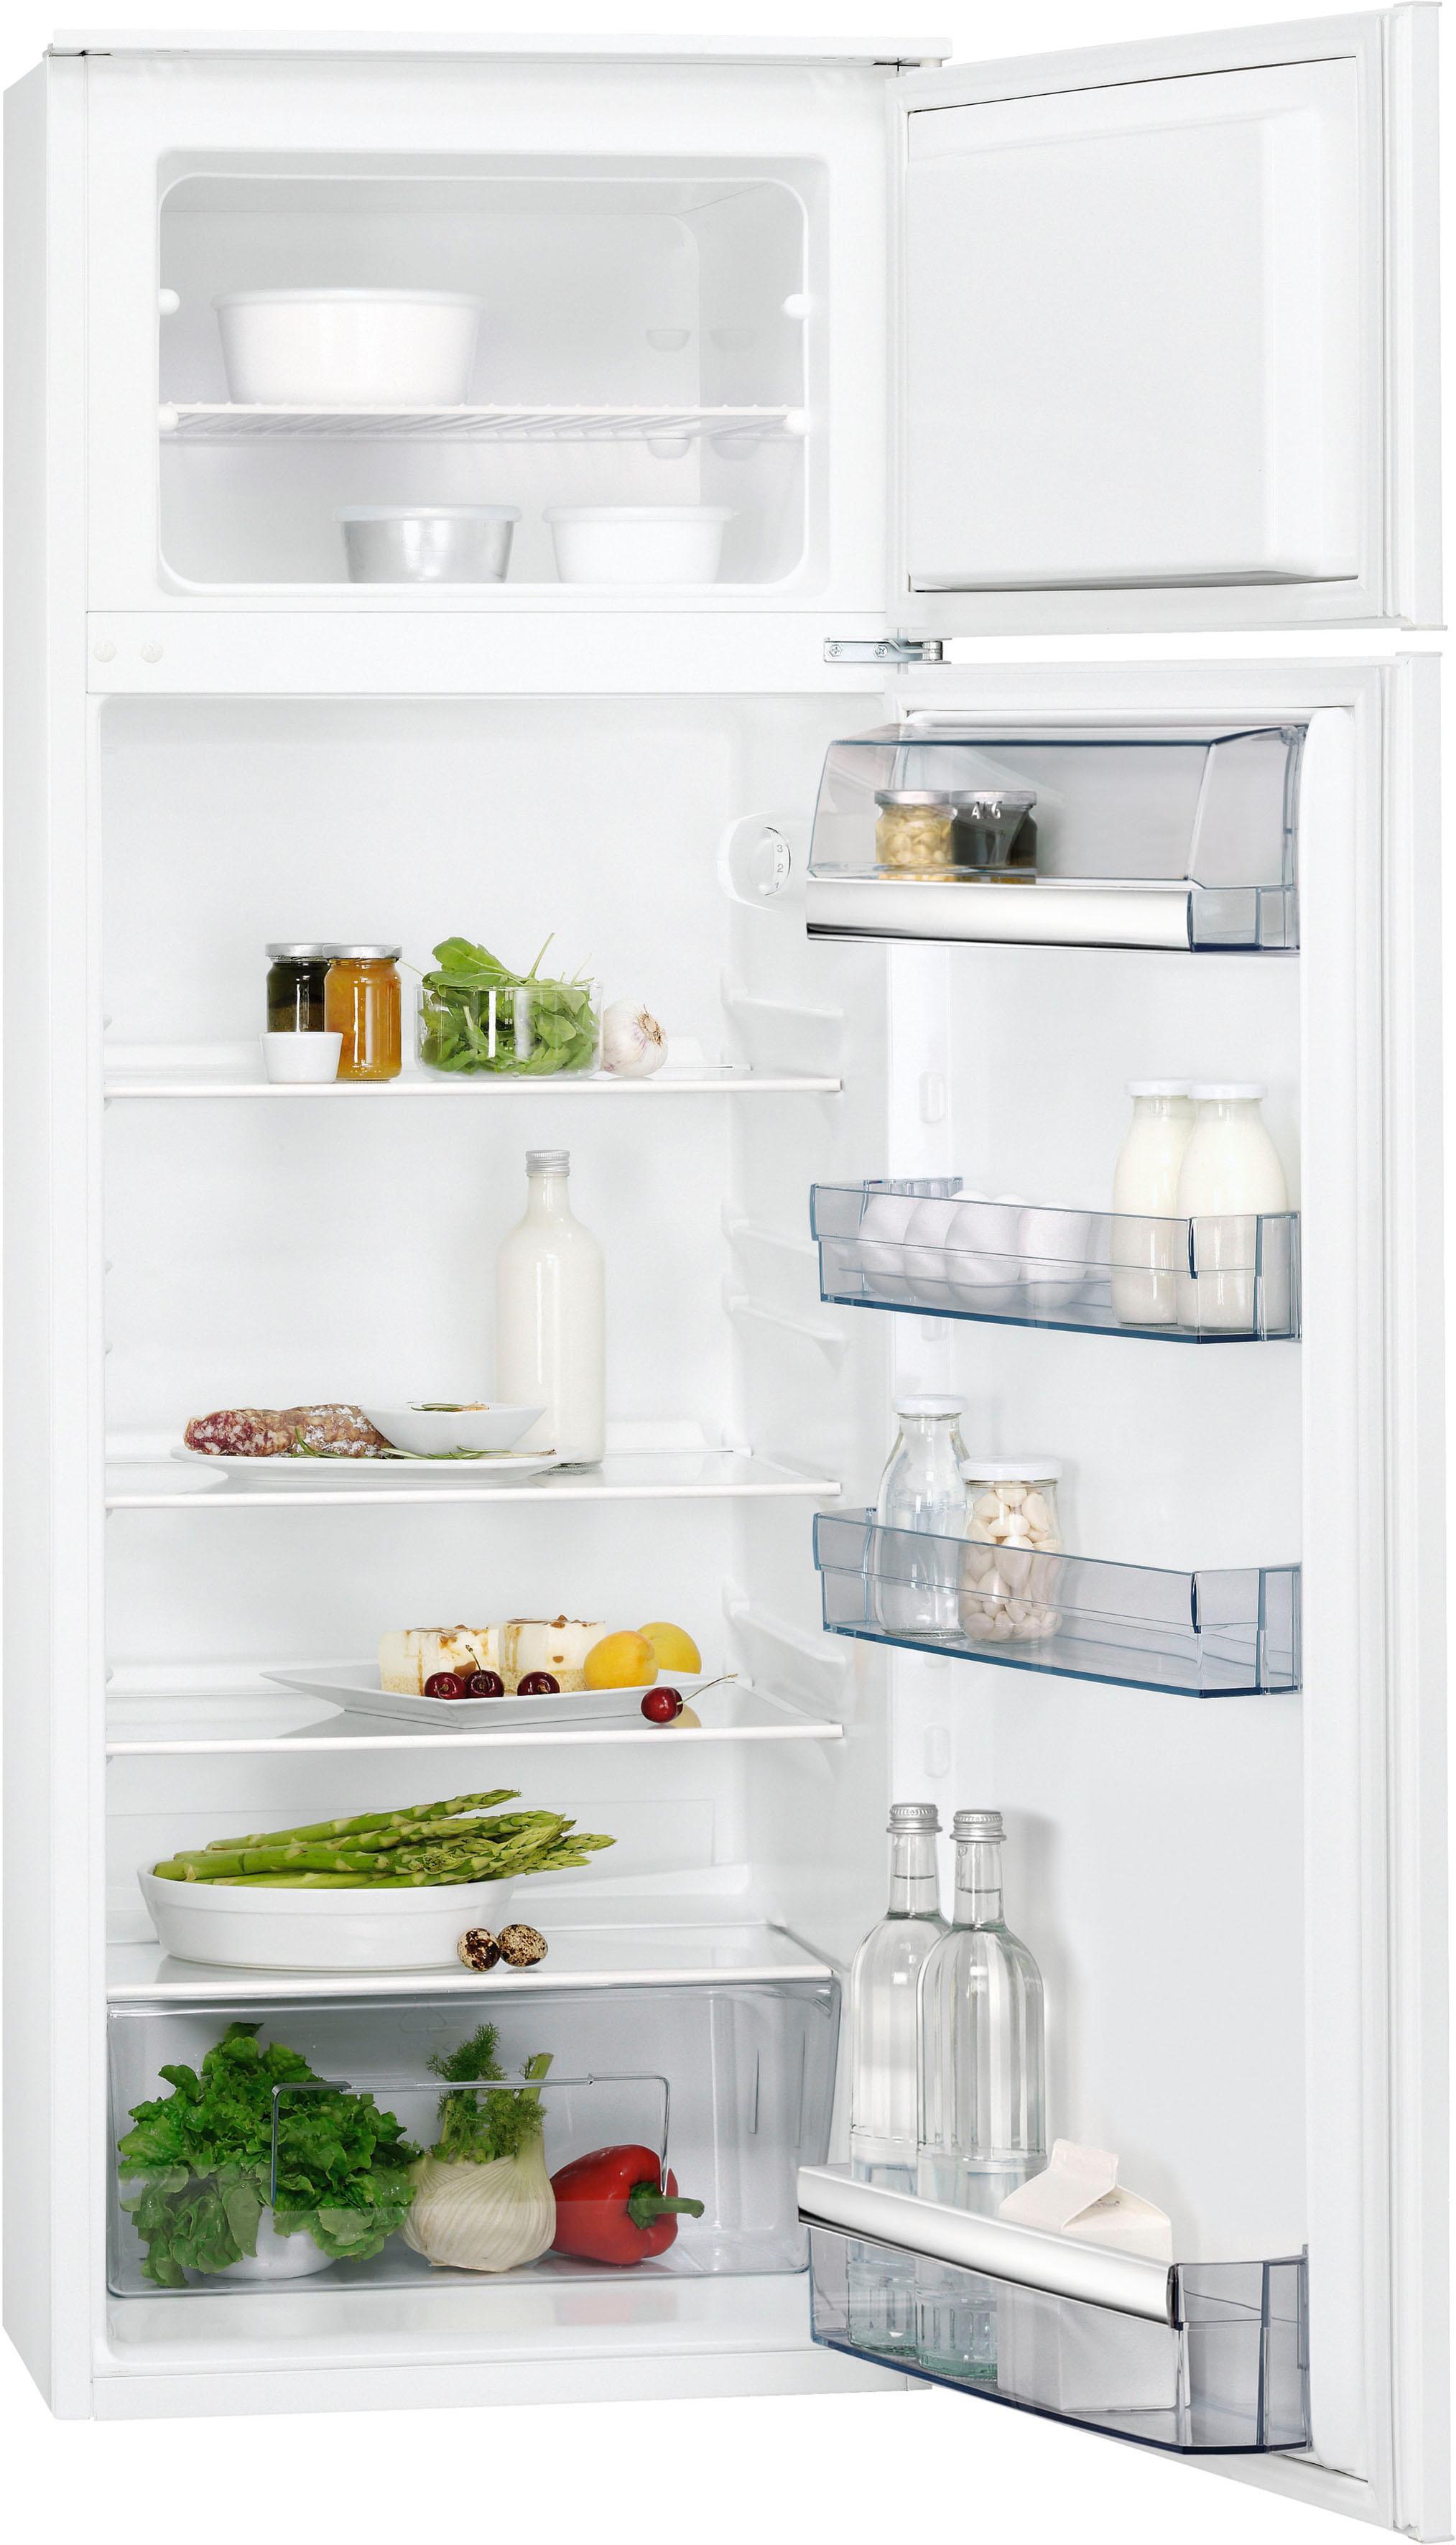 AEG Einbaukühlgefrierkombination, 144, 1 cm hoch, 54 cm breit | Küche und Esszimmer > Küchenelektrogeräte > Kühl-Gefrierkombis | Weiß | AEG ELECTROLUX